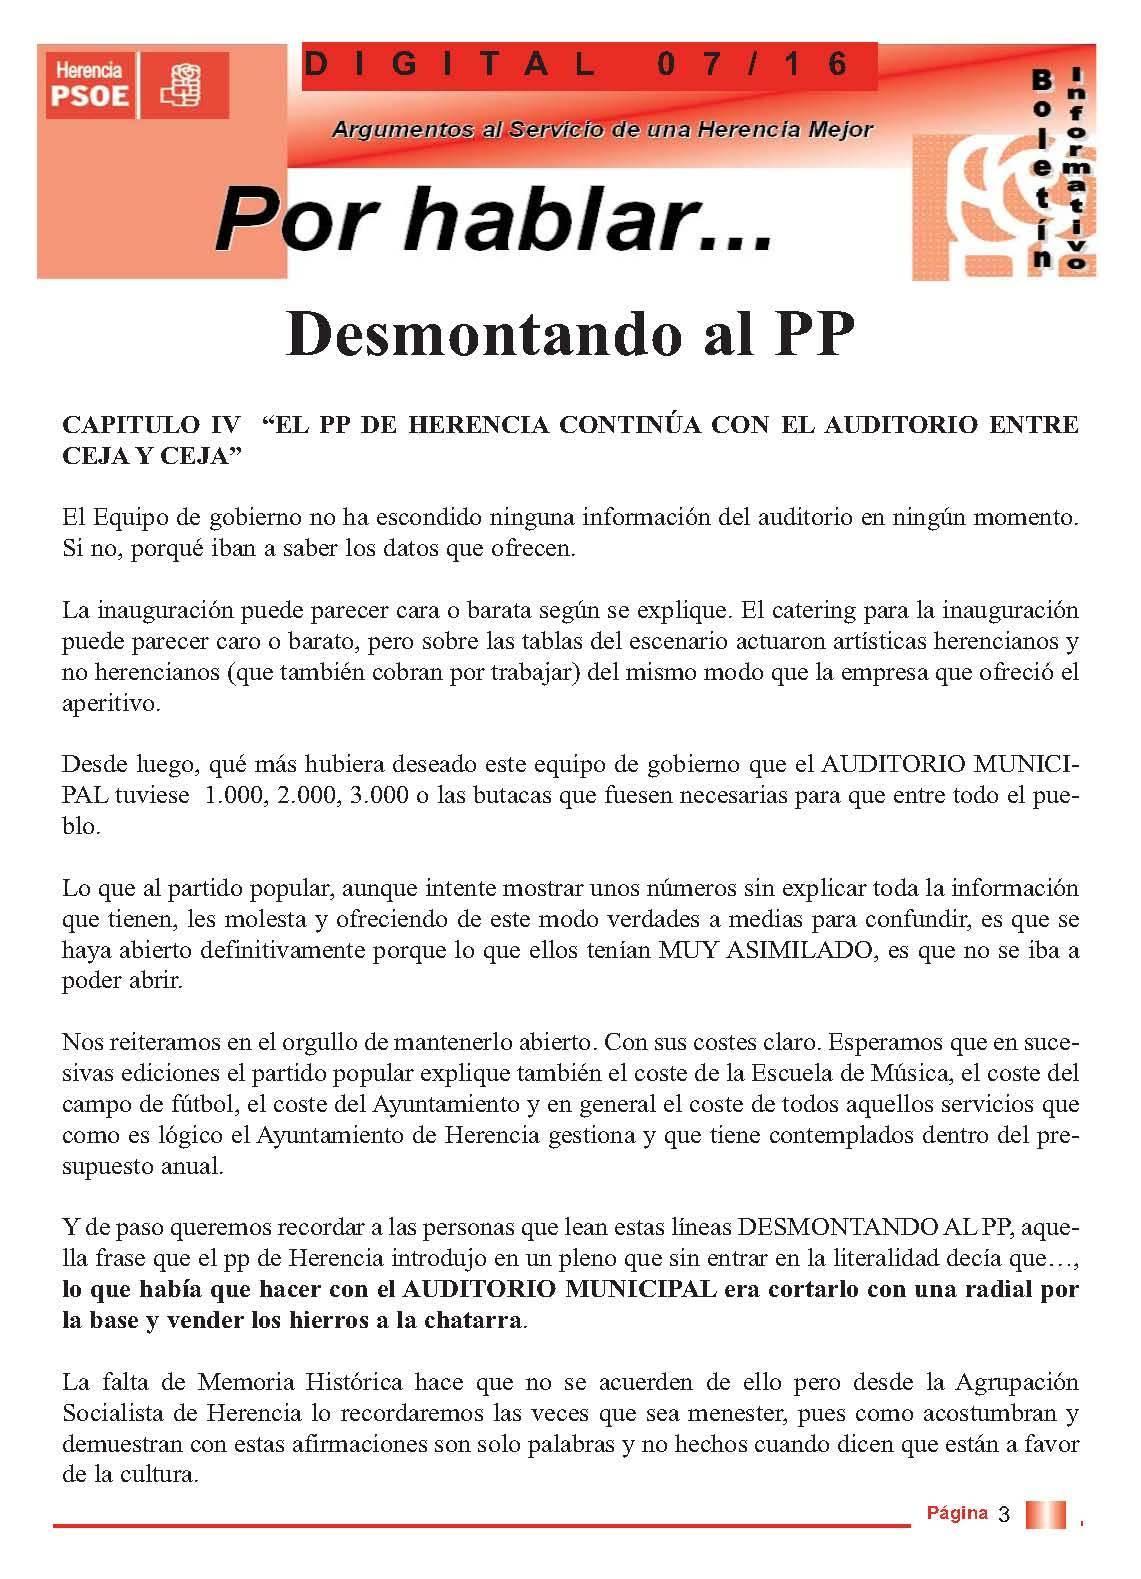 boletin informatico psoe herencia - desmontando al pp 3